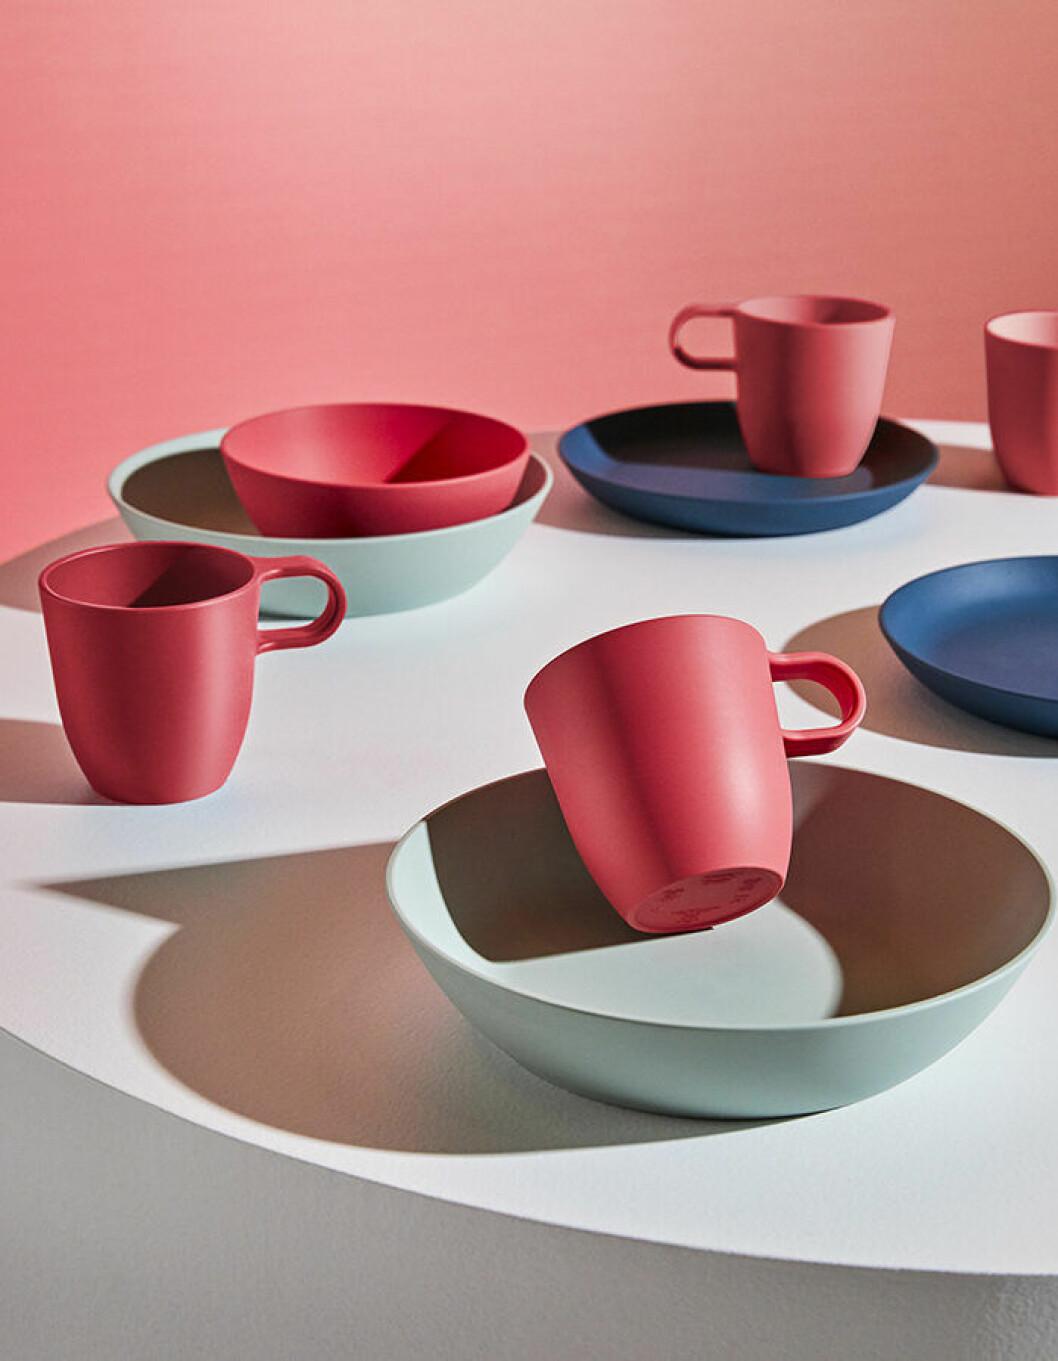 Tallrikar och kaffekoppar från Ikea hösten 2019